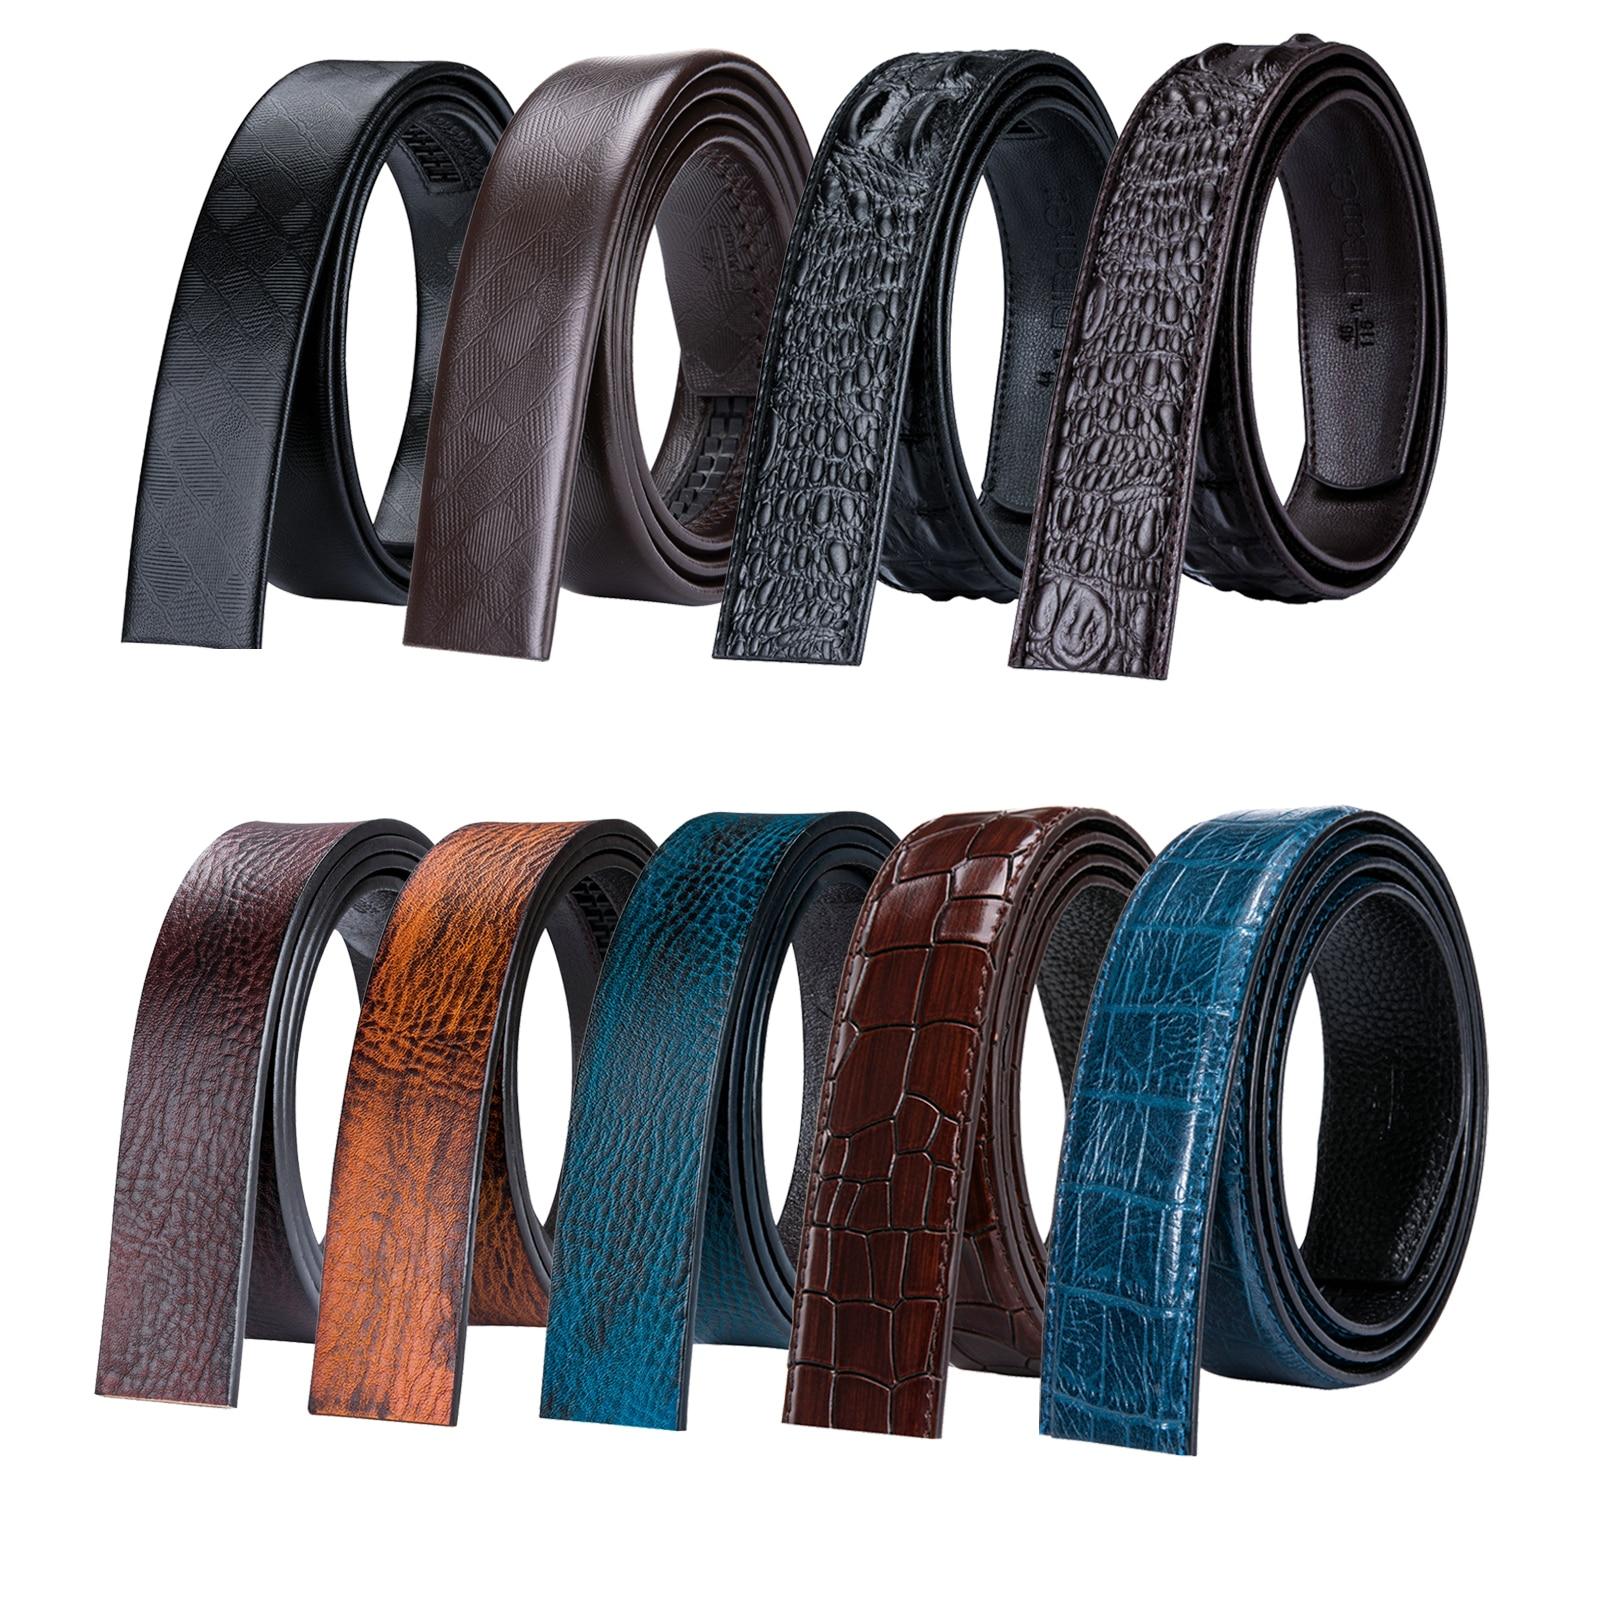 6 Color de piel de vaca genuino cinturón de cuero sin hebilla de correa de cuero de cuerpo hebilla para hombres de diseñador cinturones cuerpo 3,5 cm amplia